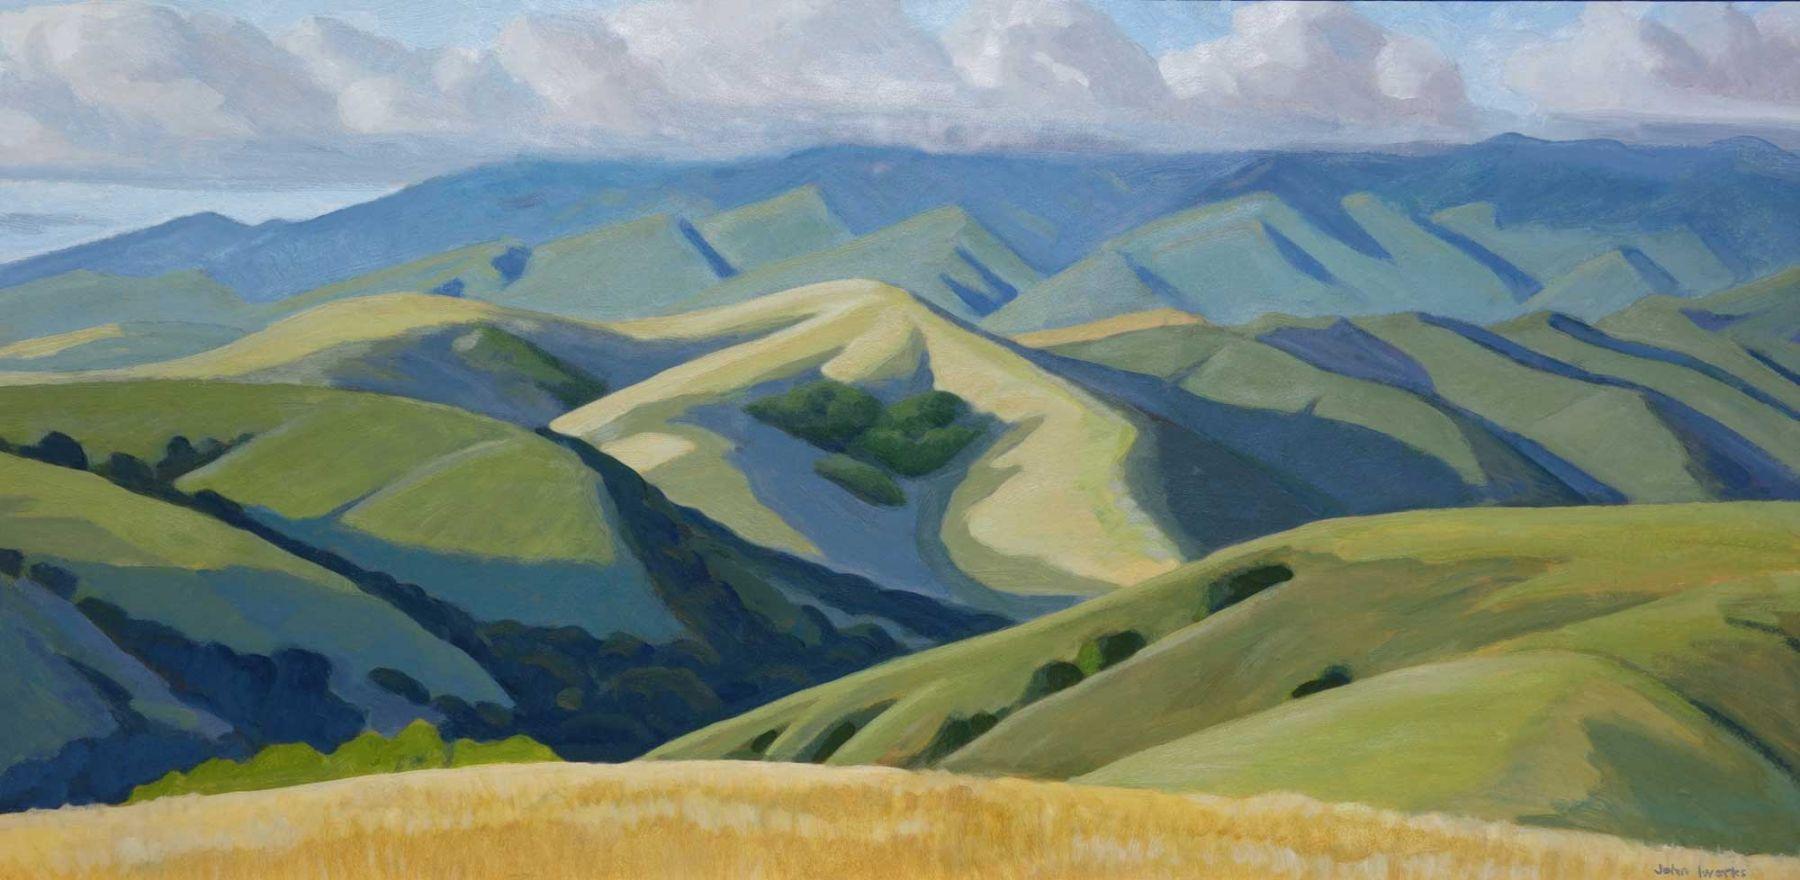 John Iwerks - Eagle Canyon